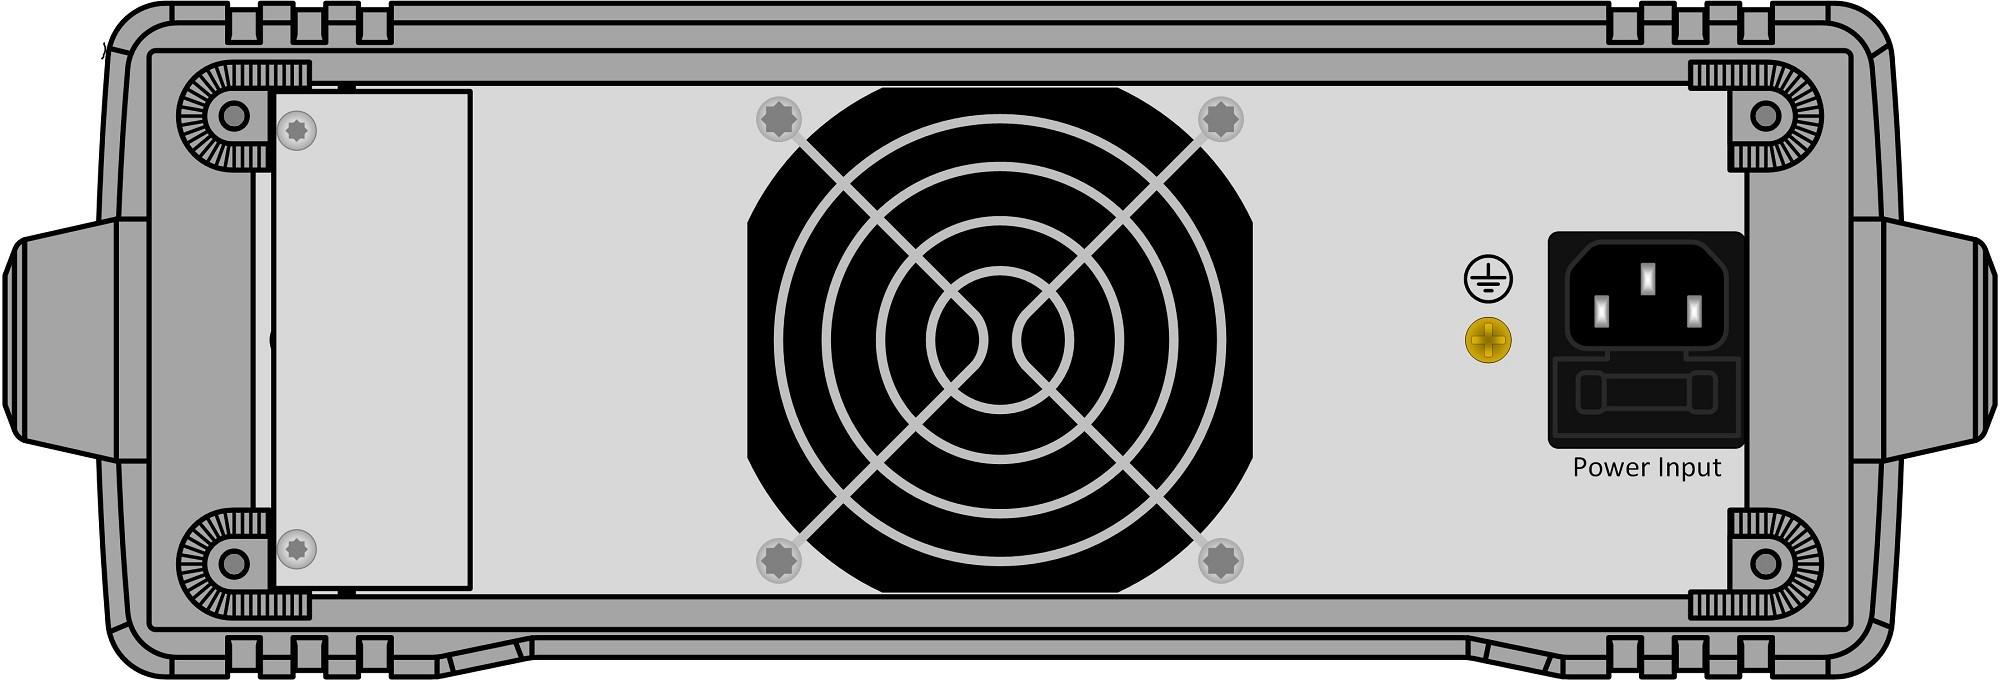 E/PS 3040-10 C Labornetzgerät